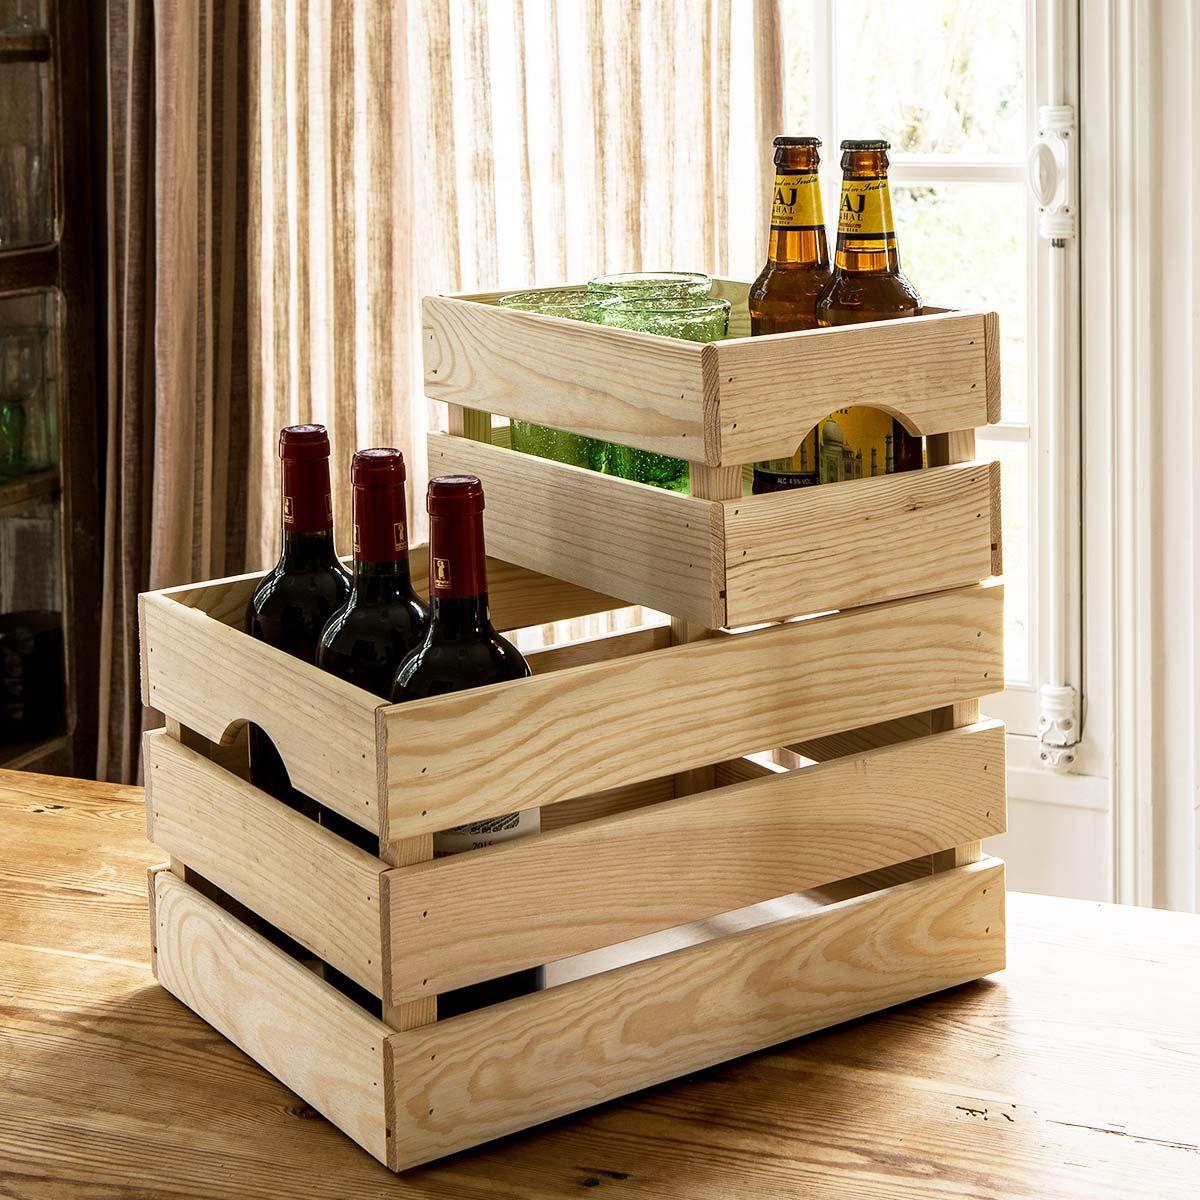 Caisse de rangement en bois clair - 23x40x30